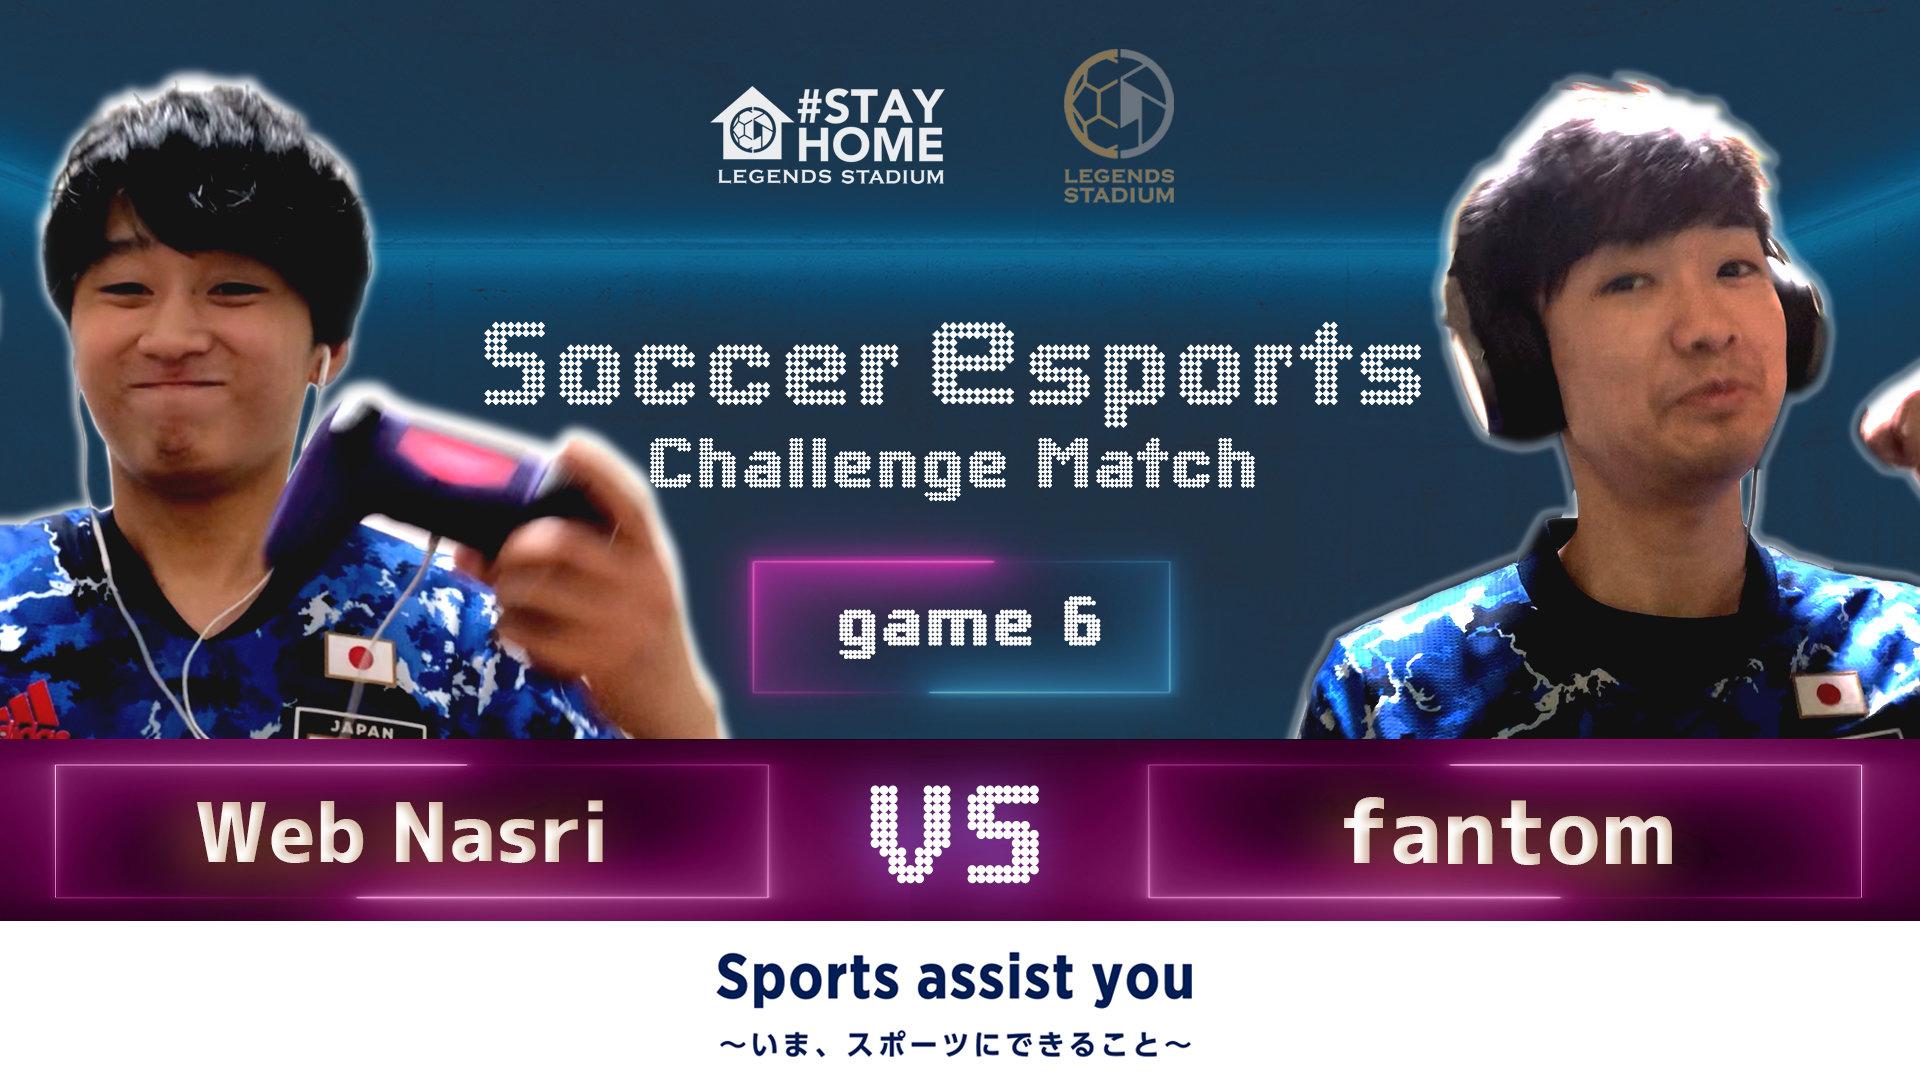 ラストマッチはサッカーe日本代表チームメイト同士の対戦に。国内最高レベルの戦いの行方は?